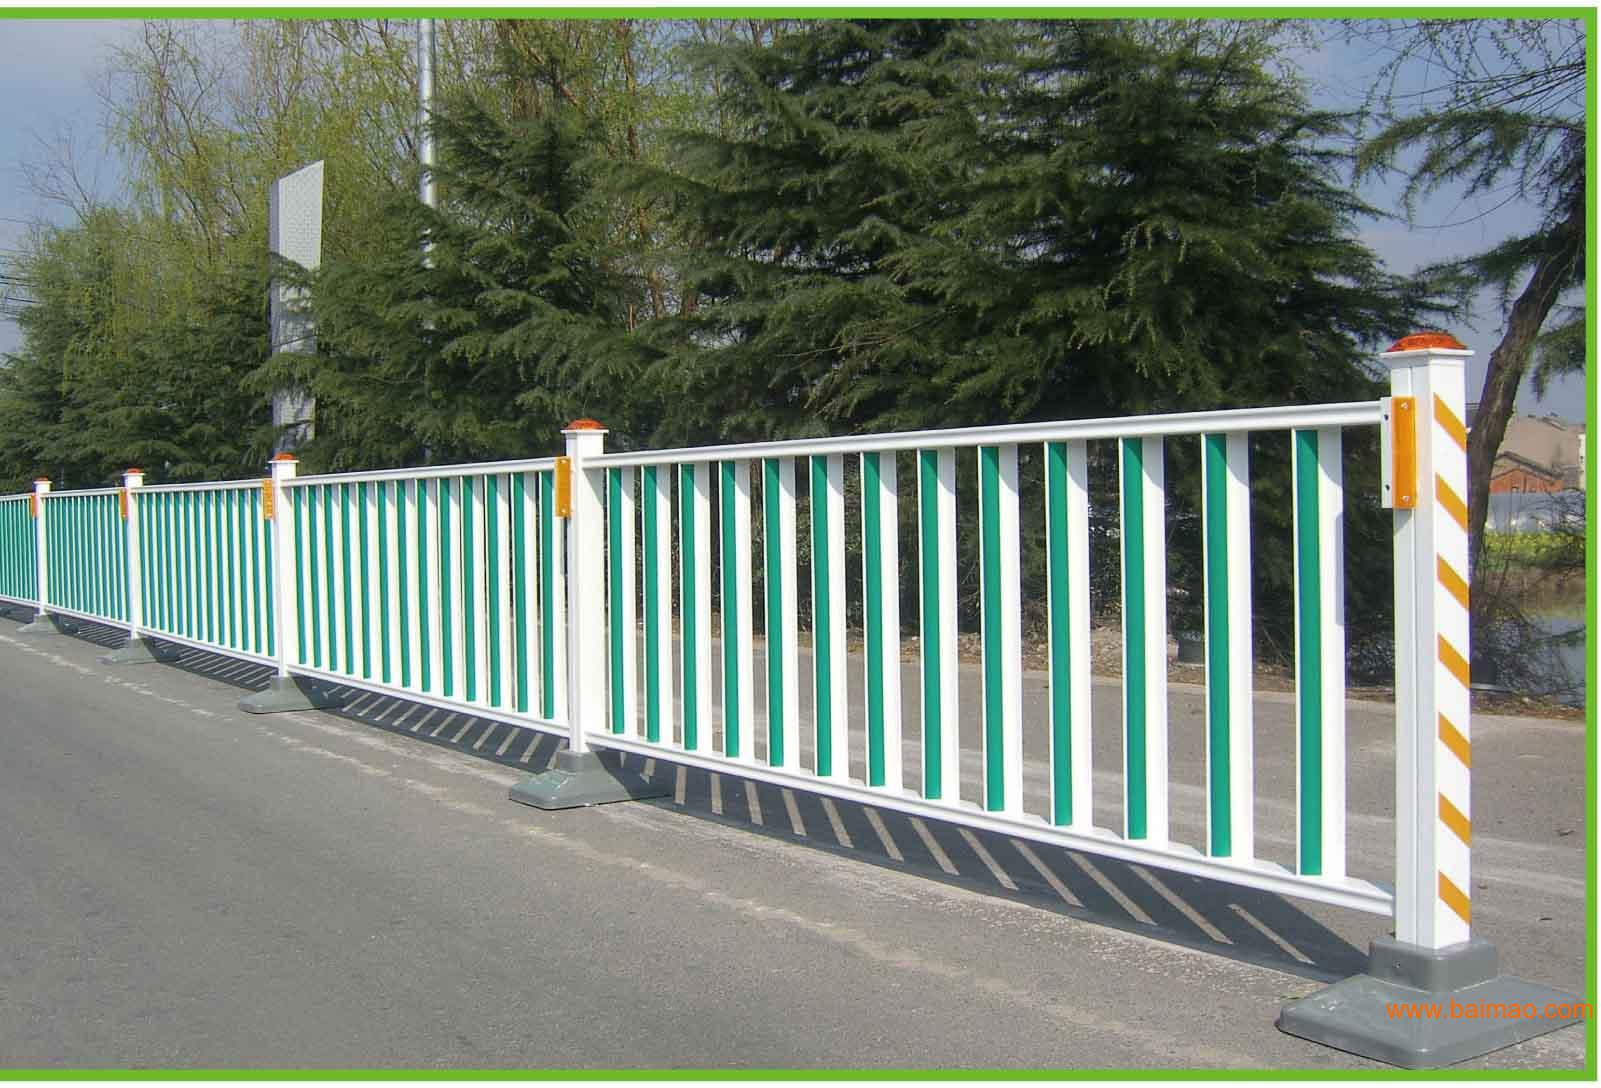 室外道路锌钢护栏网的安装与室内的护栏是不同的